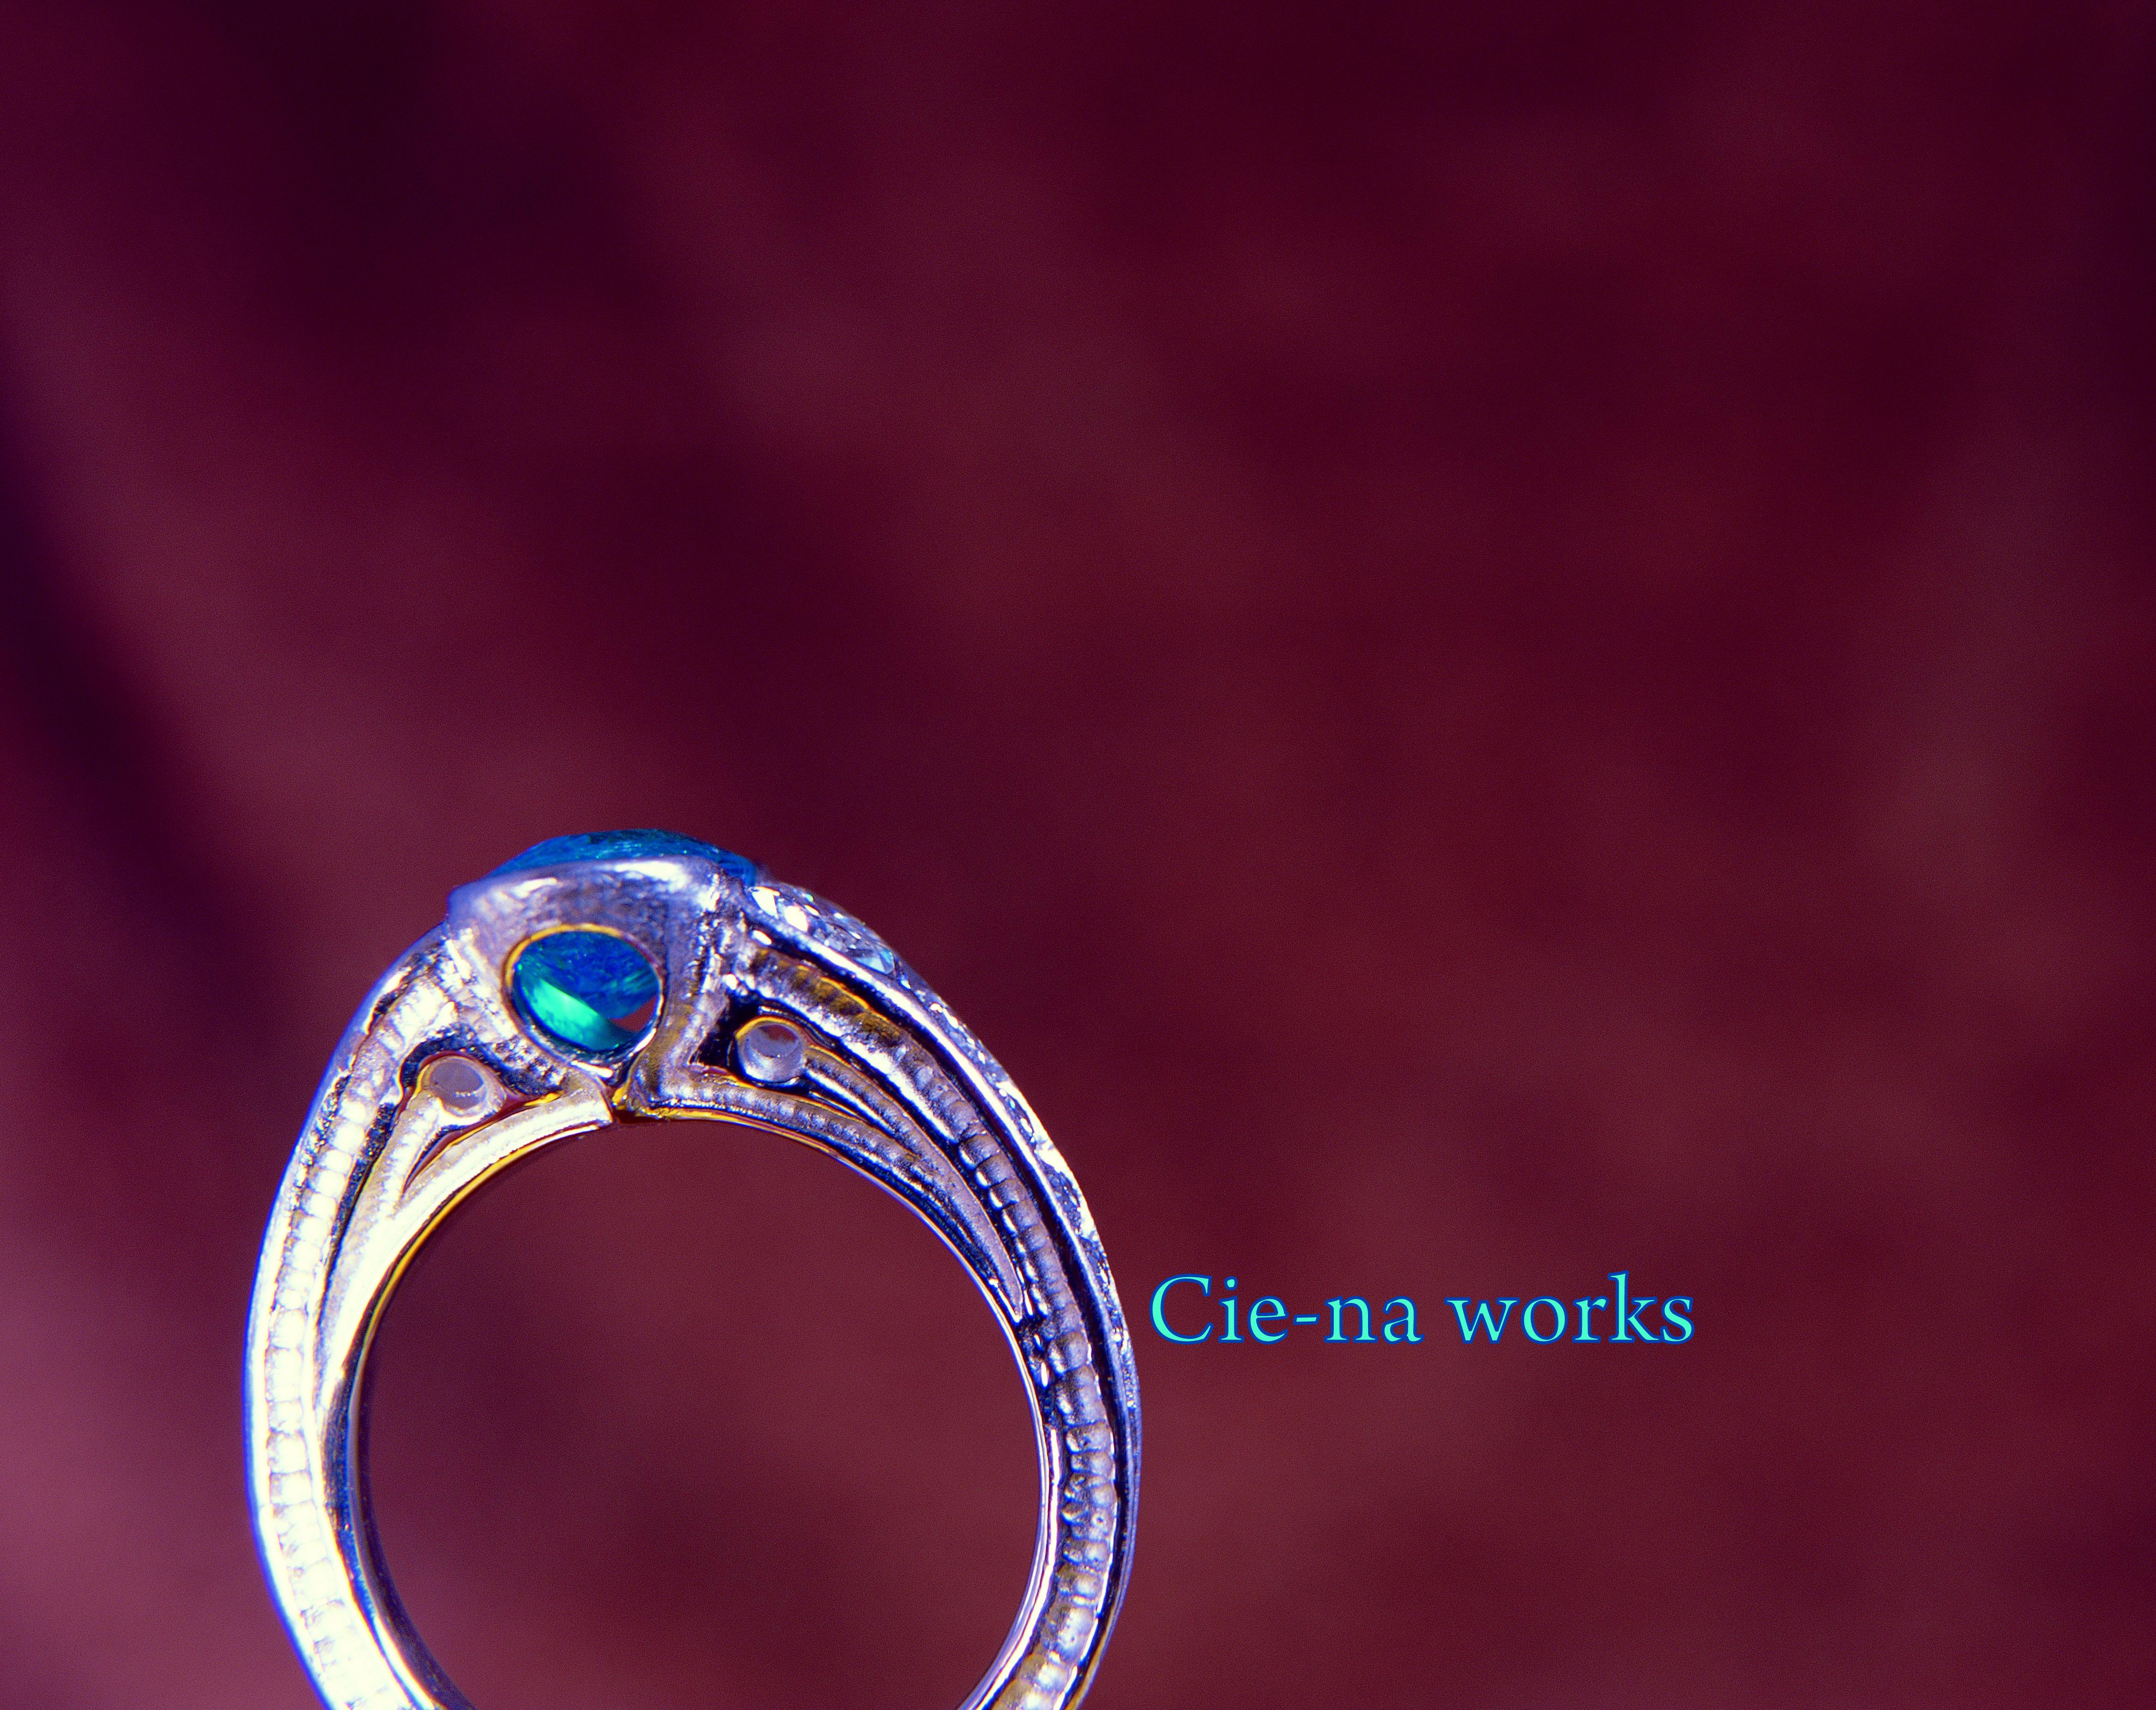 最高の技術で丹念に仕上げられたものに、愛着が生まれる。